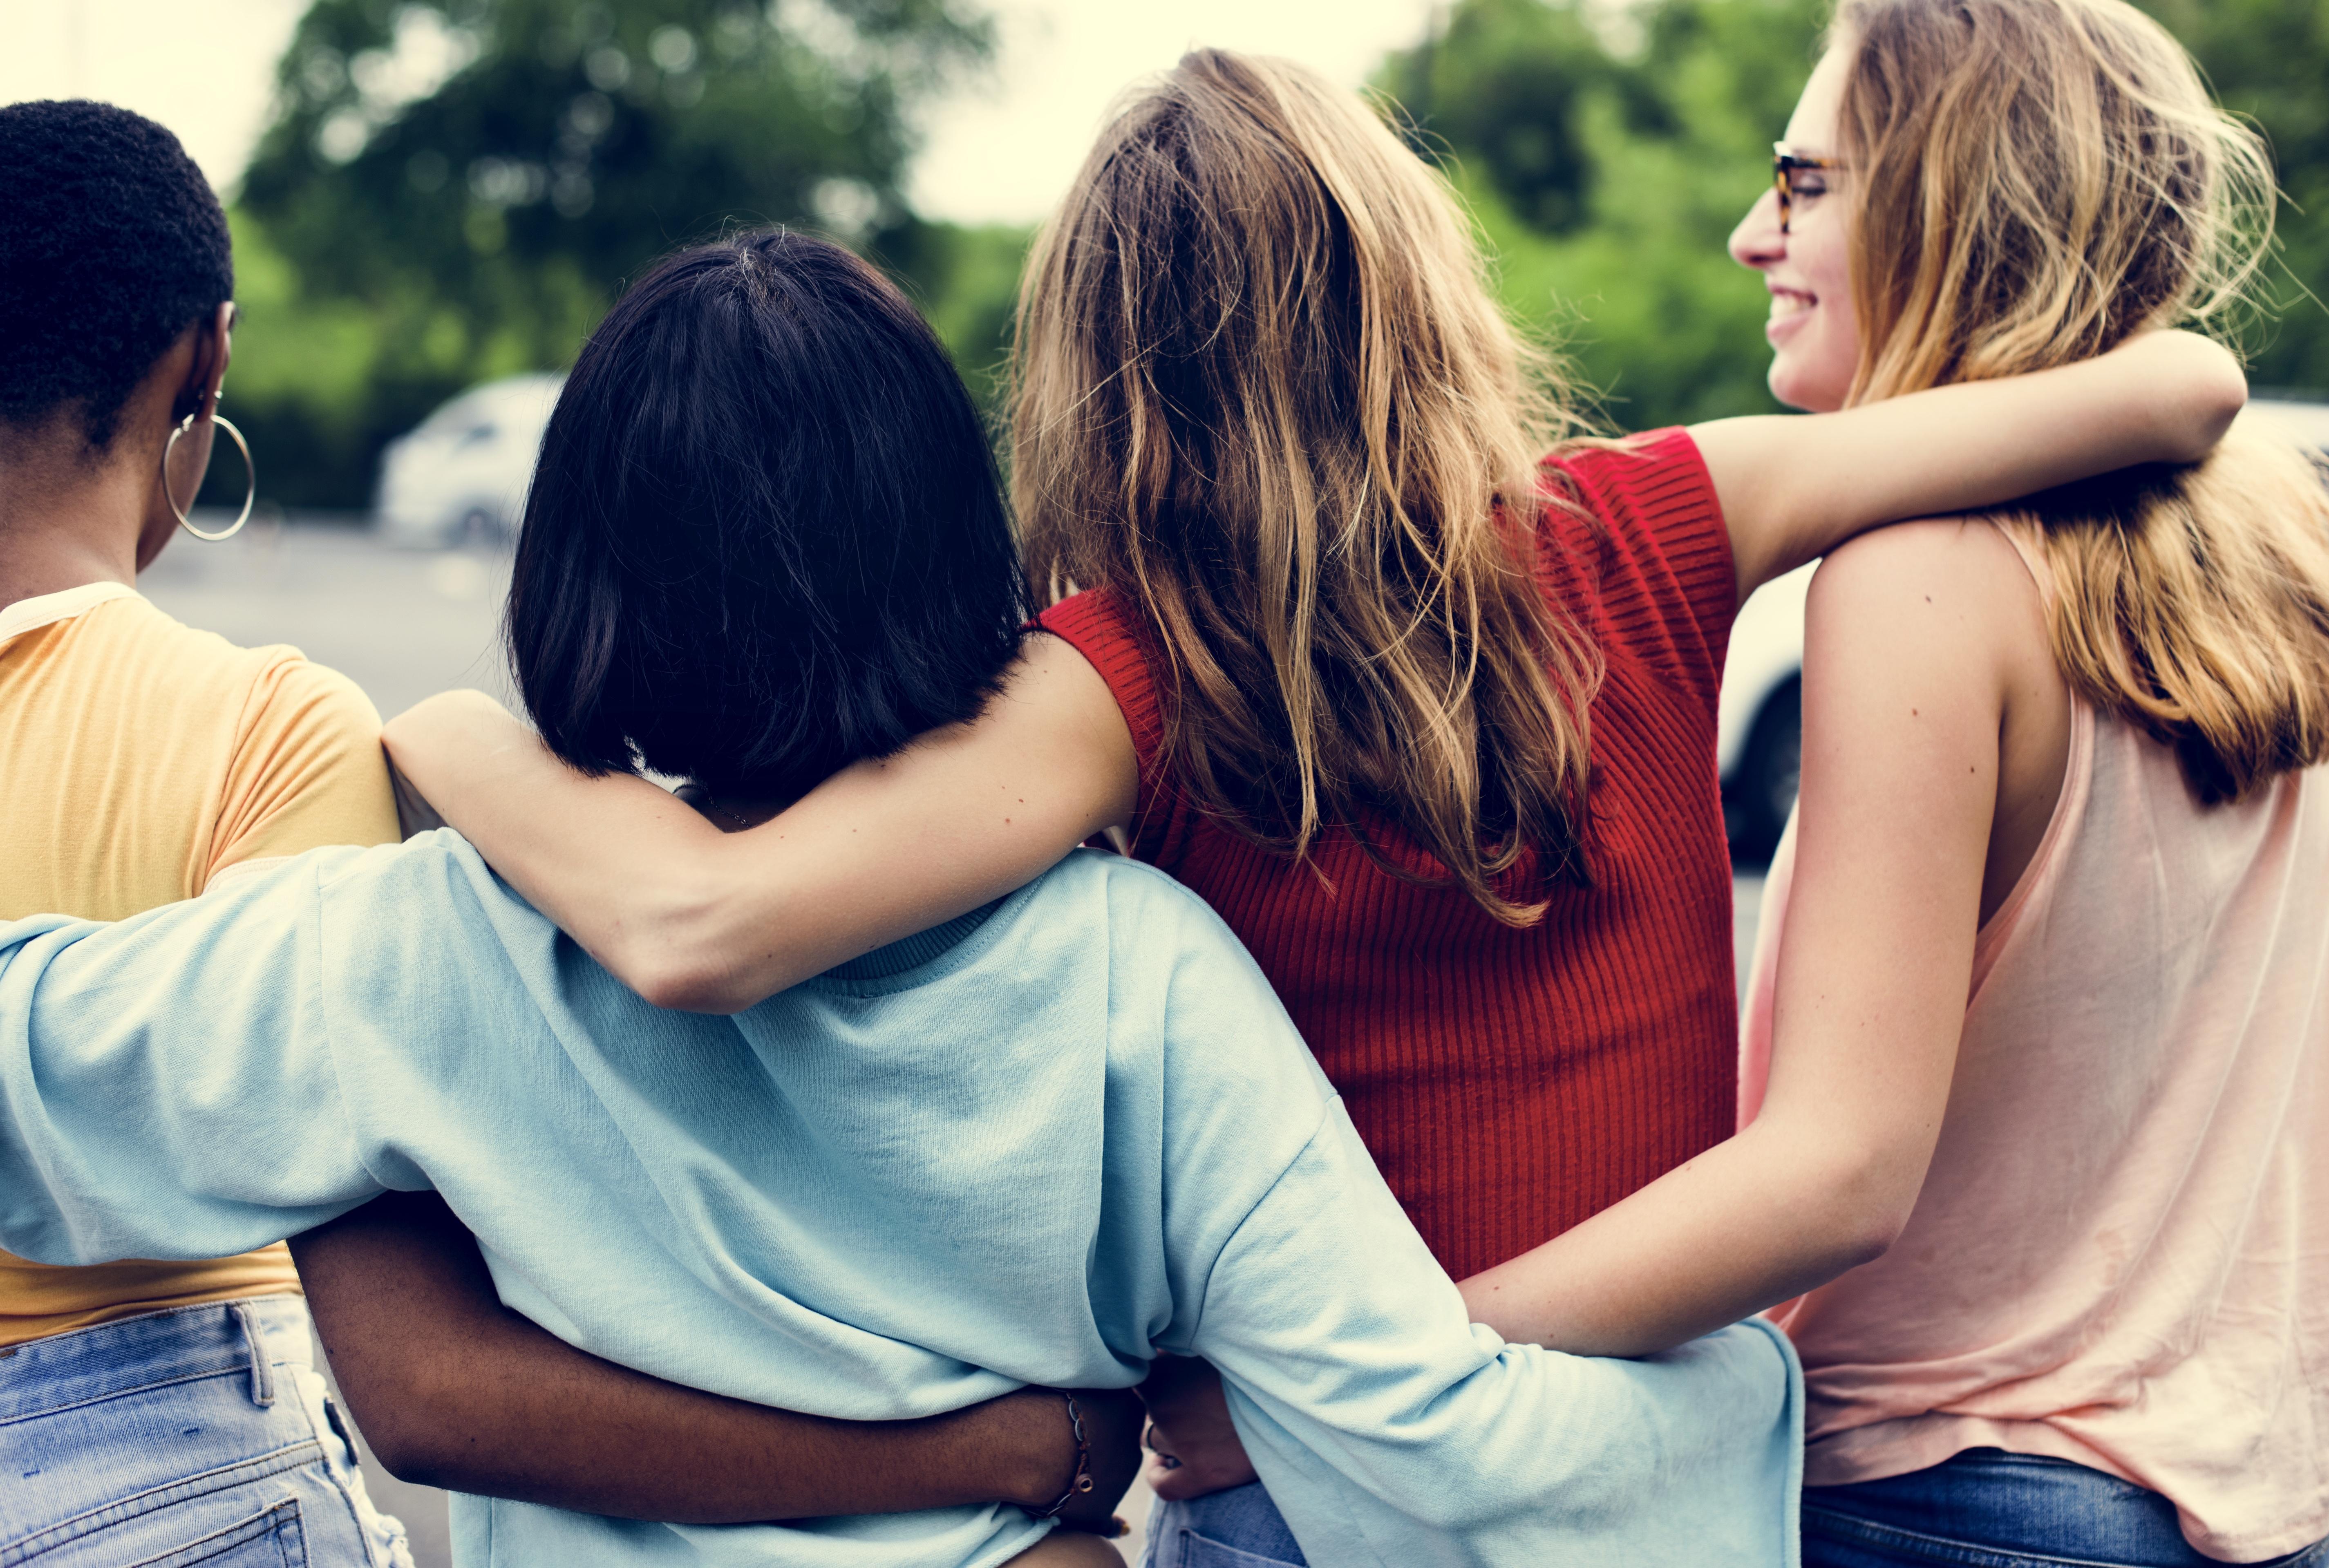 Foto de quatro mulheres andando por um parque. Ao fundo aparecem algumas árvores. Elas estão de costas, perfiladas se abraçando e uma delas está com o rosto de perfil, sorrindo..